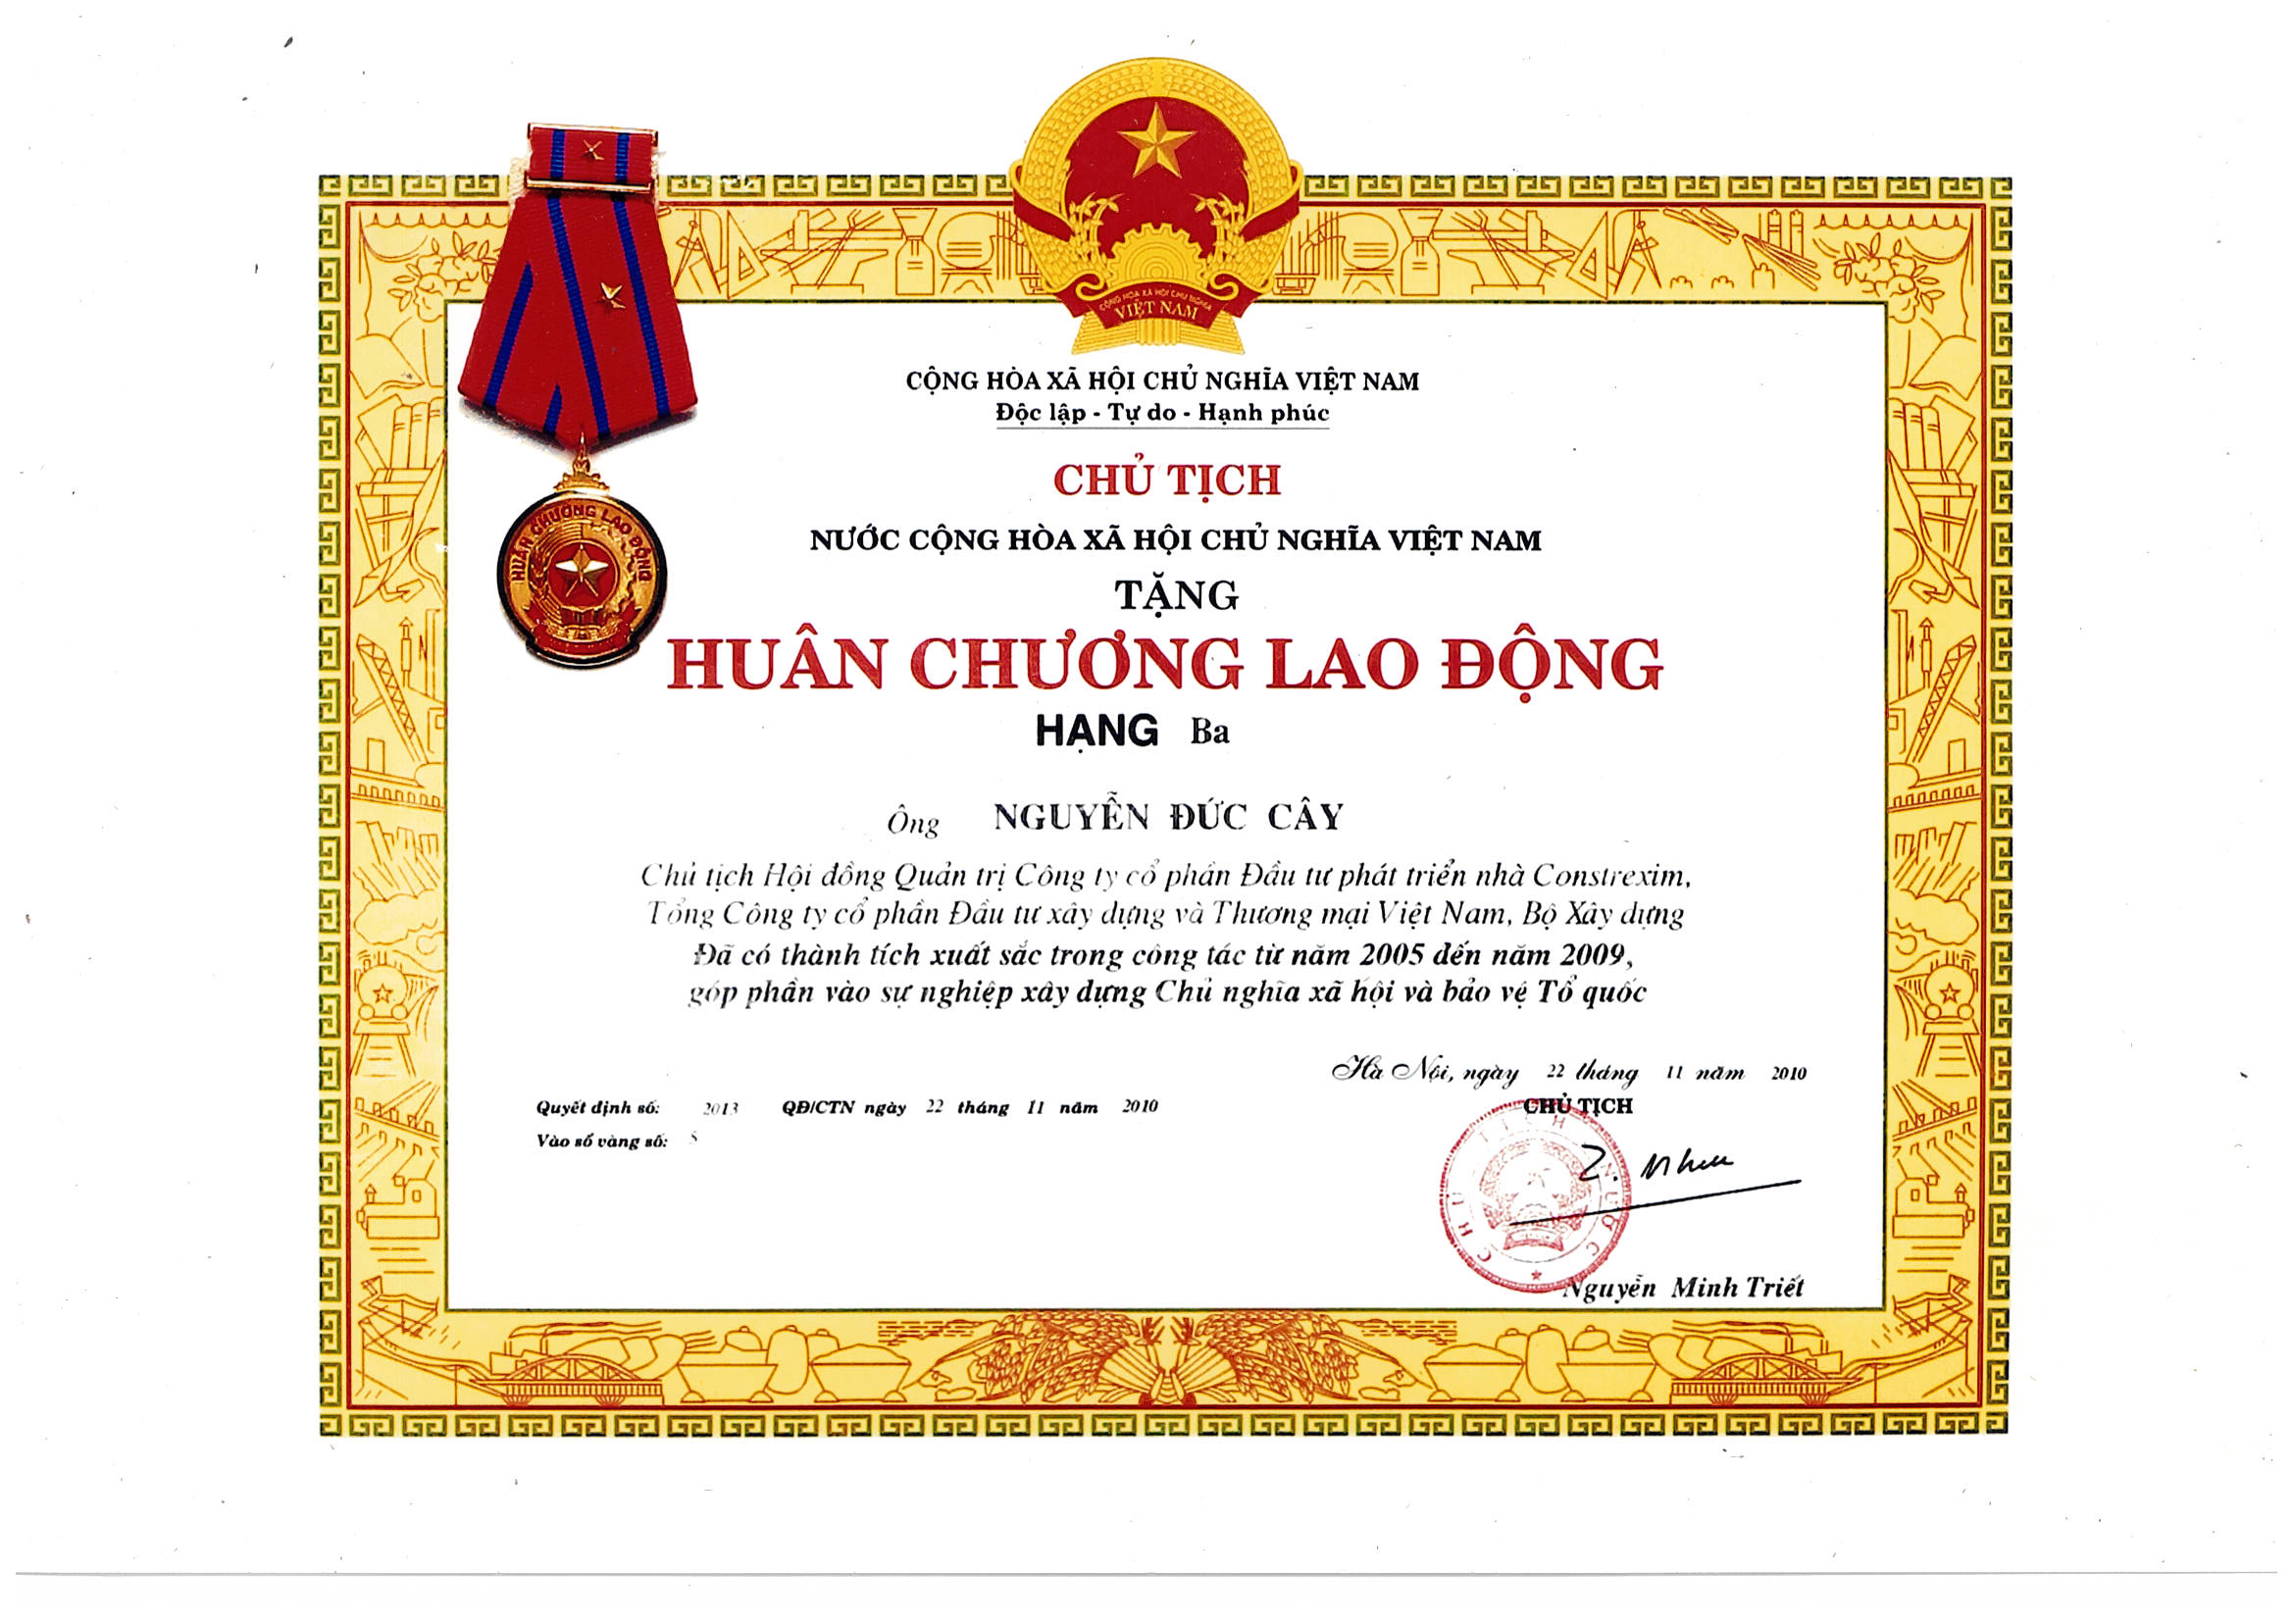 Huân chương lao động Hạng Ba của Chủ tịch nước Cộng Hòa Xã Hội Chủ Nghĩa Việt Nam tặng ông Nguyễn Đức Cây - Chủ tịch HĐQT Công ty